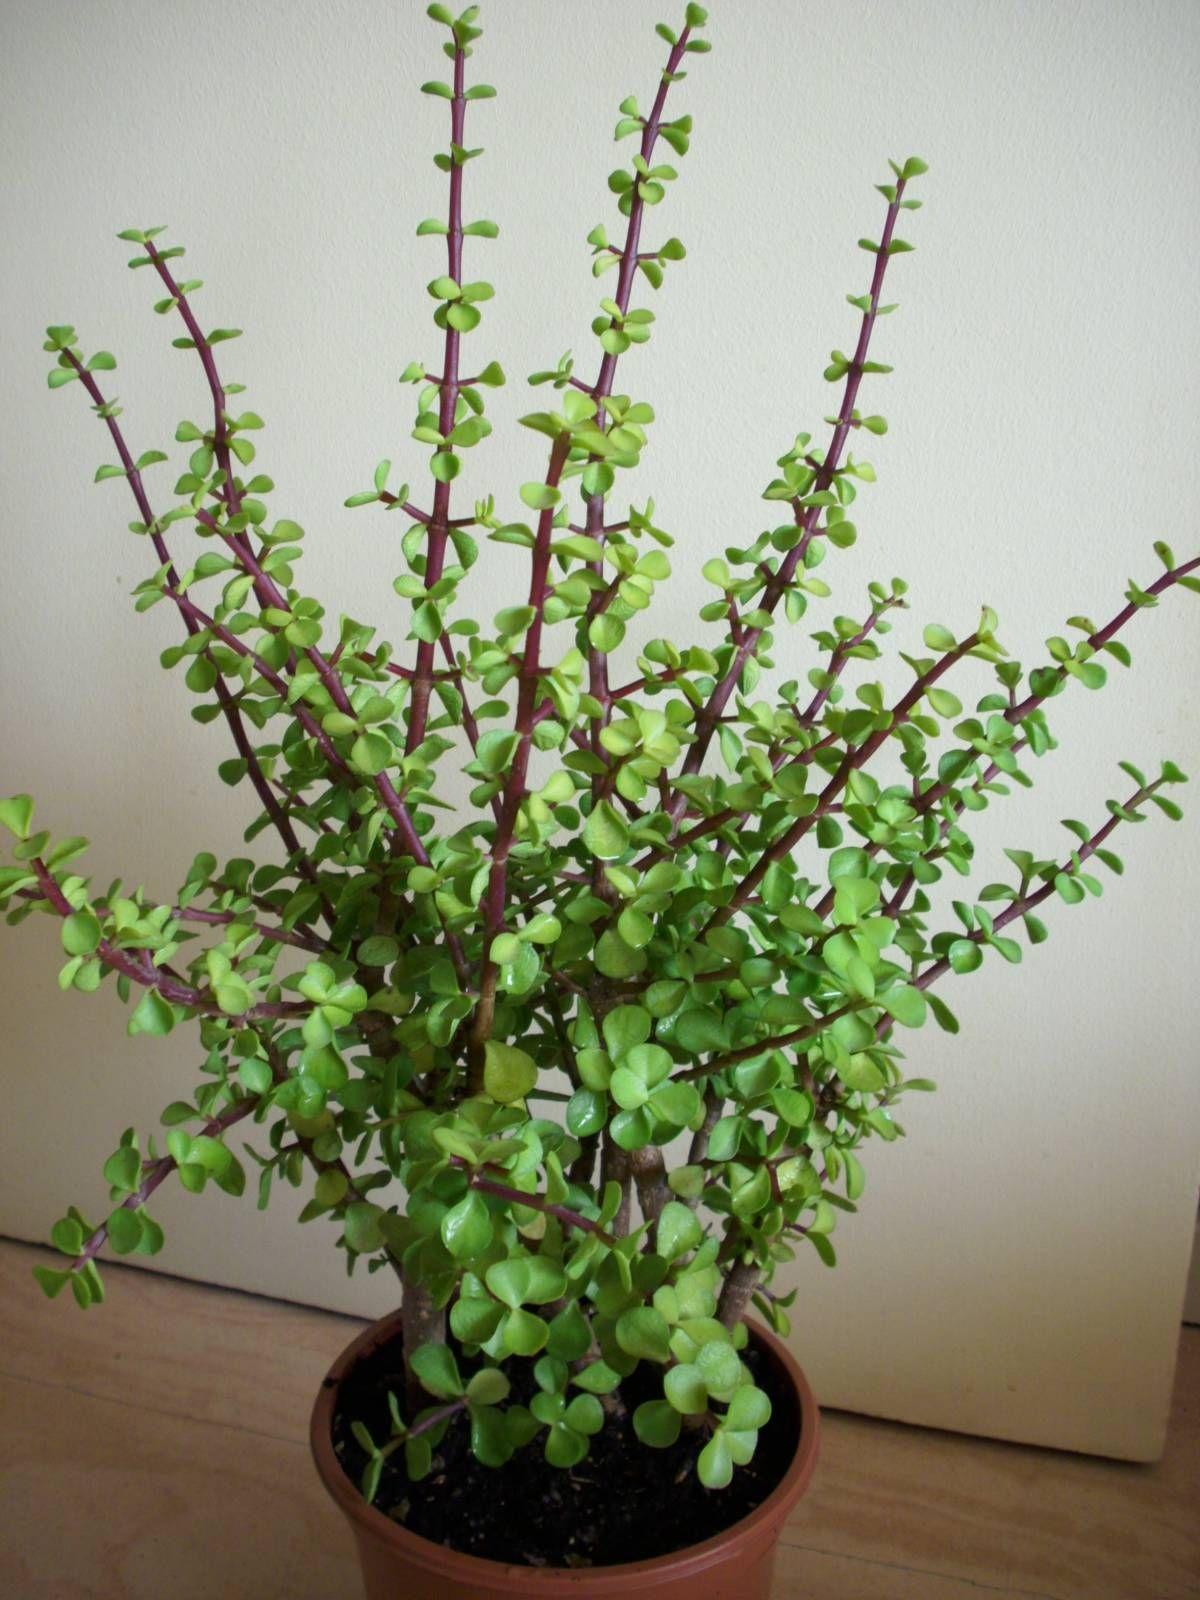 Portulacaria Afra Succulents Crassula Crassula Succulent Et